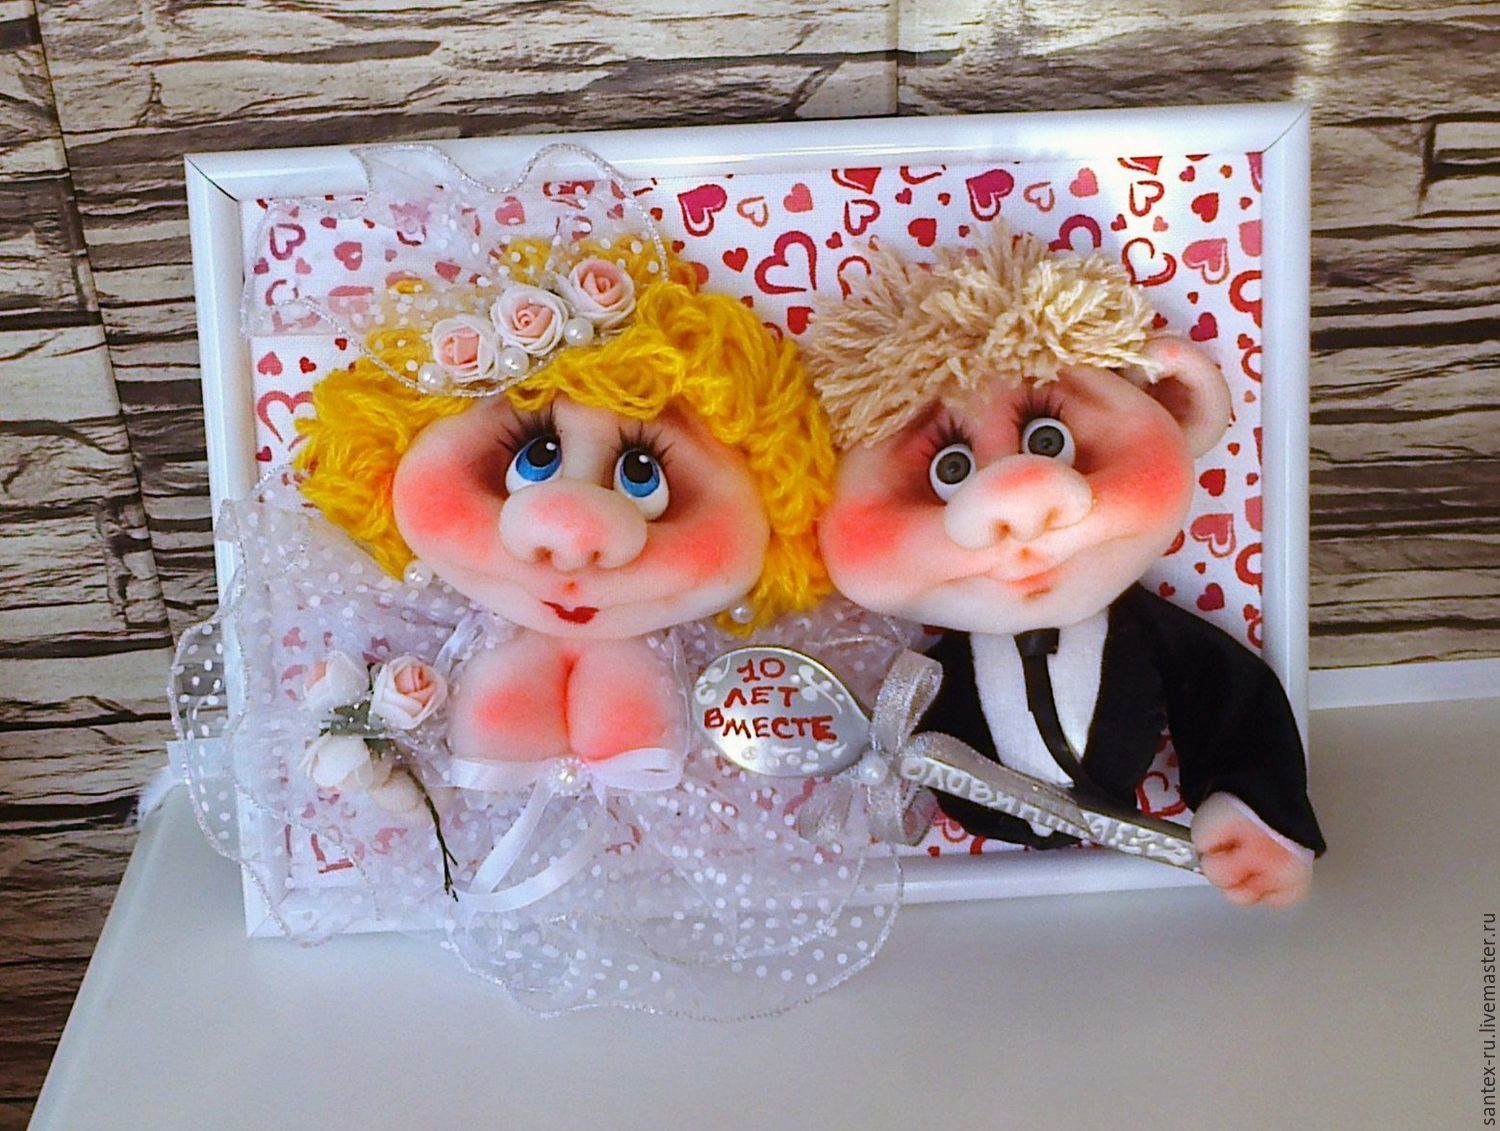 Оригинальное поздравление с юбилеем свадьбы